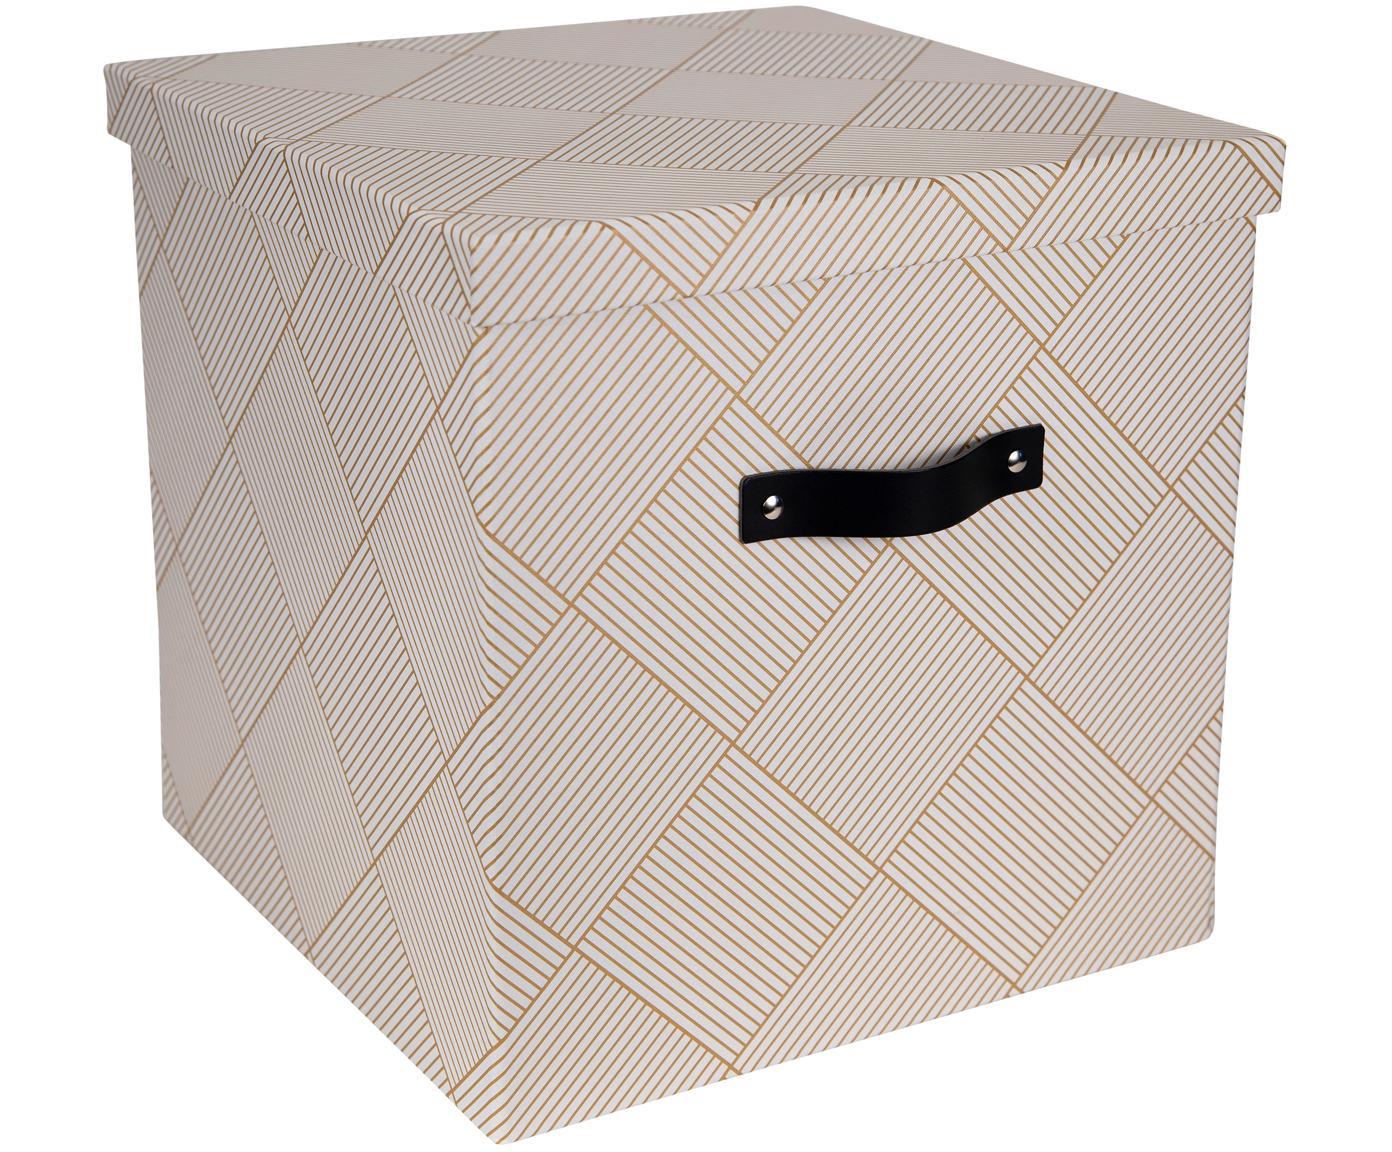 Aufbewahrungsbox Texas, Box: Fester, laminierter Karto, Griff: Leder, Goldfarben, Weiss, 32 x 31 cm